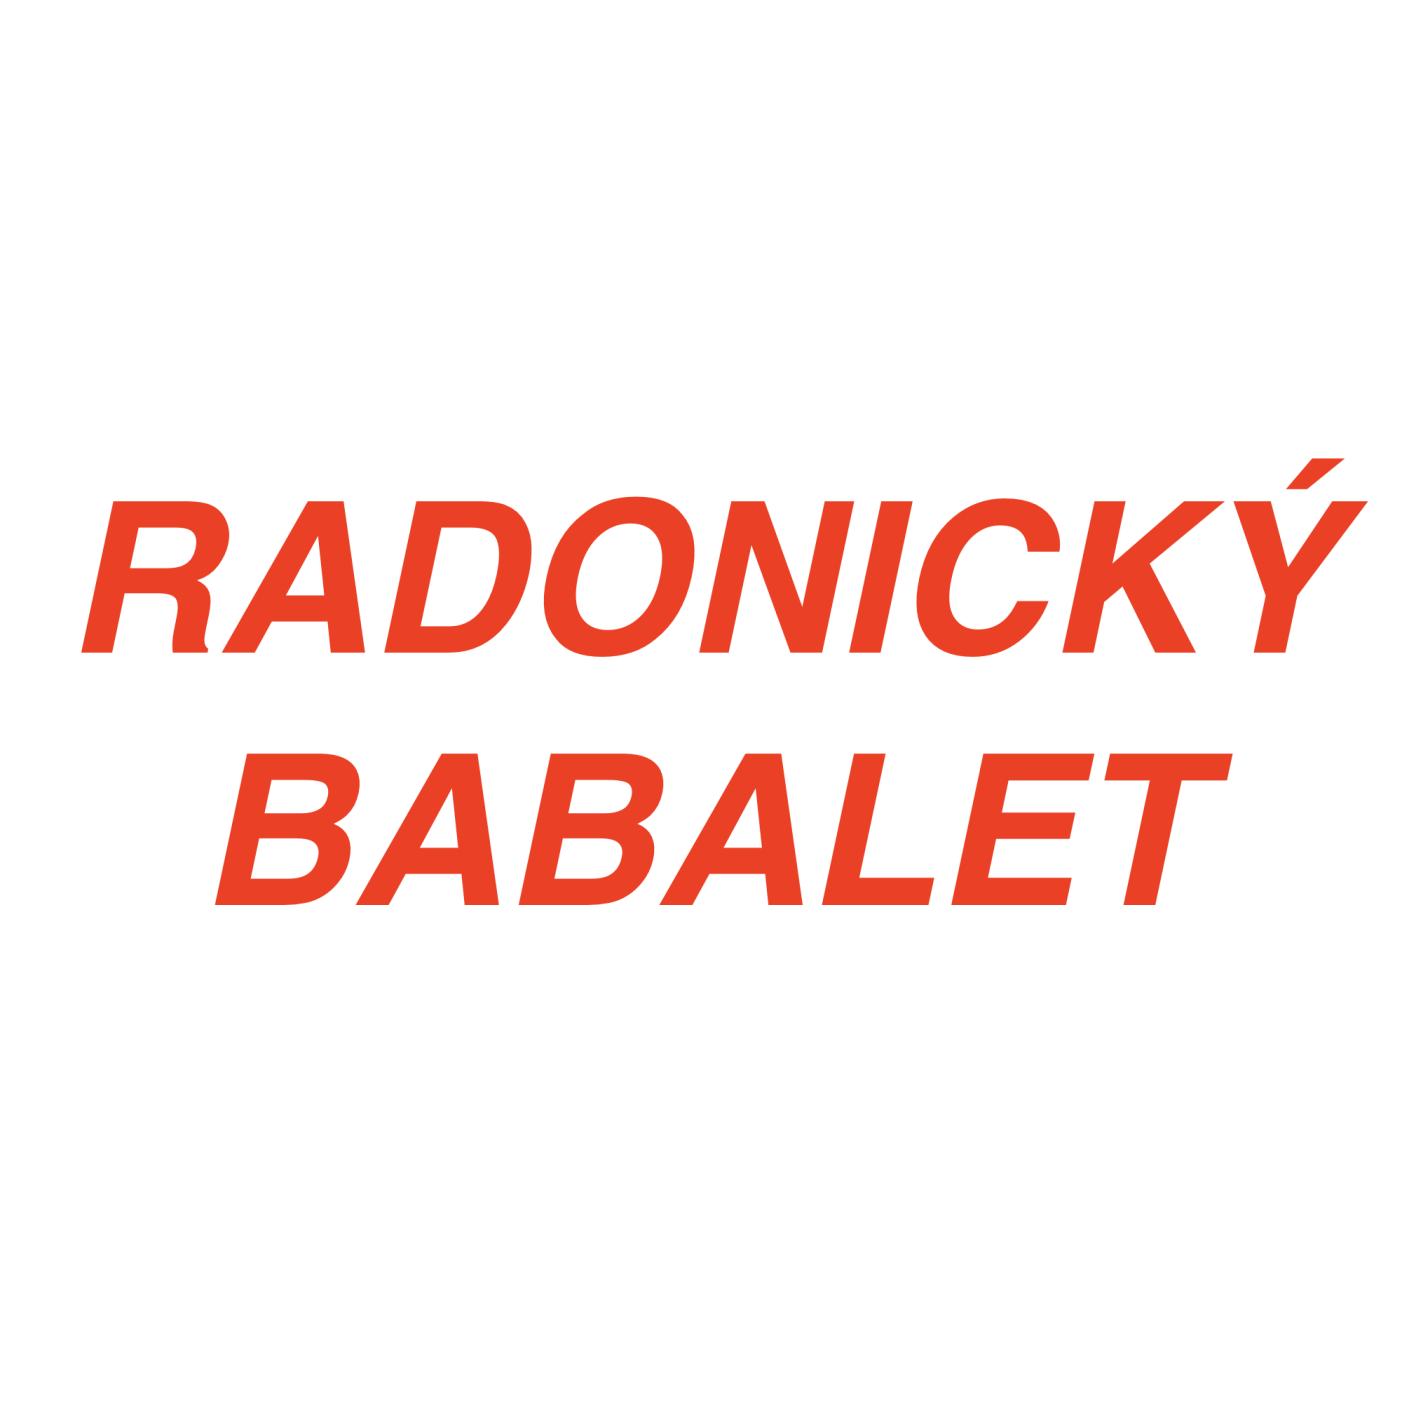 radonbabalet